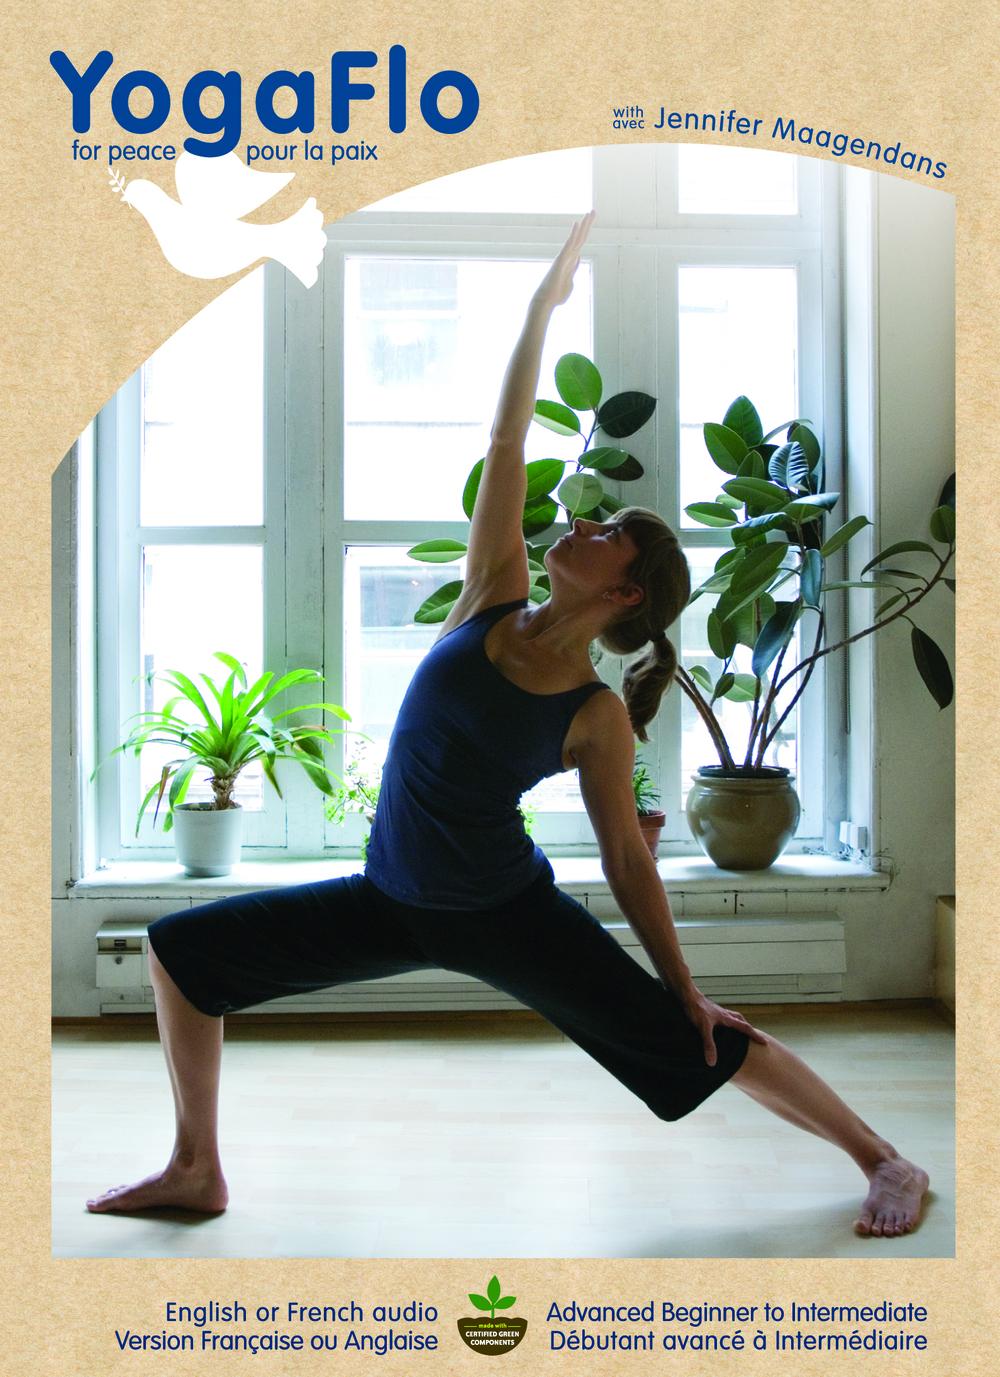 YogaFlo pour la paix